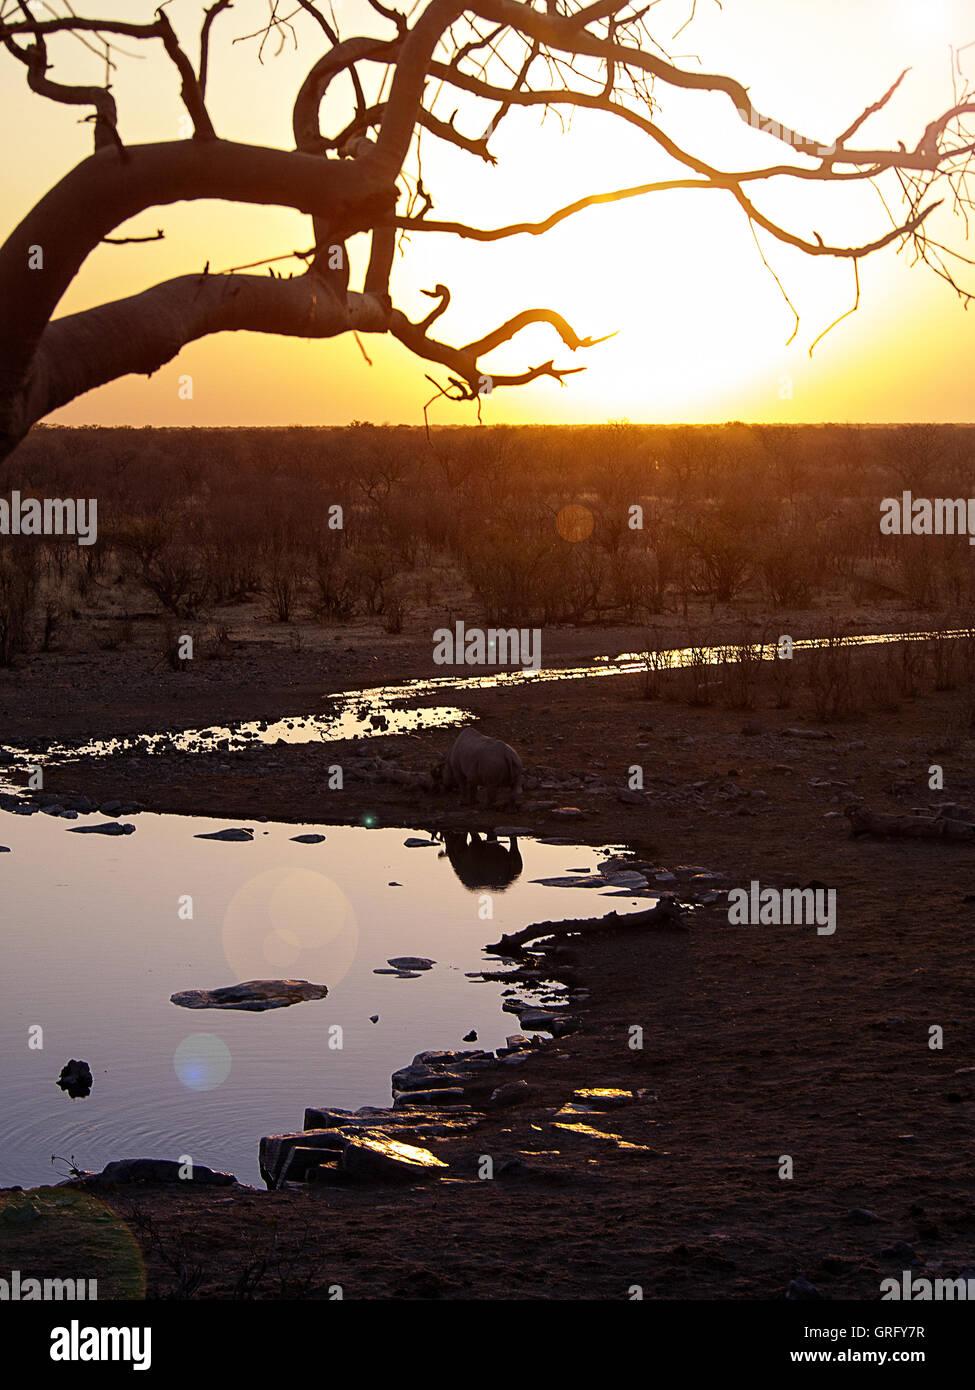 Le rhinocéros dans le Parc National d'Etosha, Namibie, au coucher du soleil Photo Stock